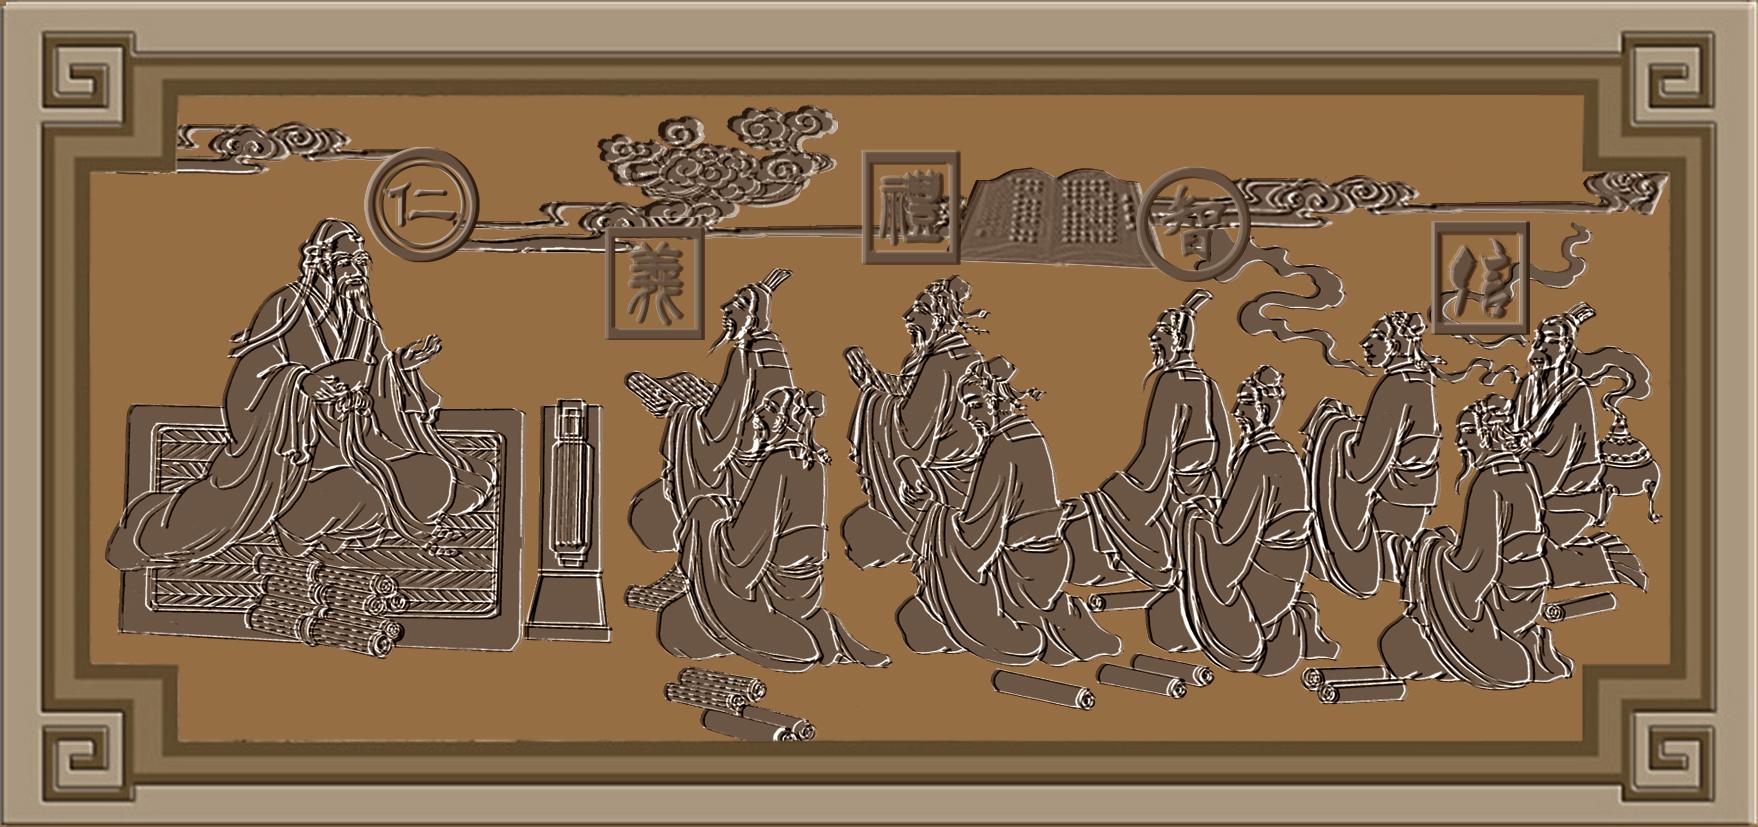 南阳校园浮雕设计 图 12案例图片 郑州校园浮雕设计,校园文化设计,图片